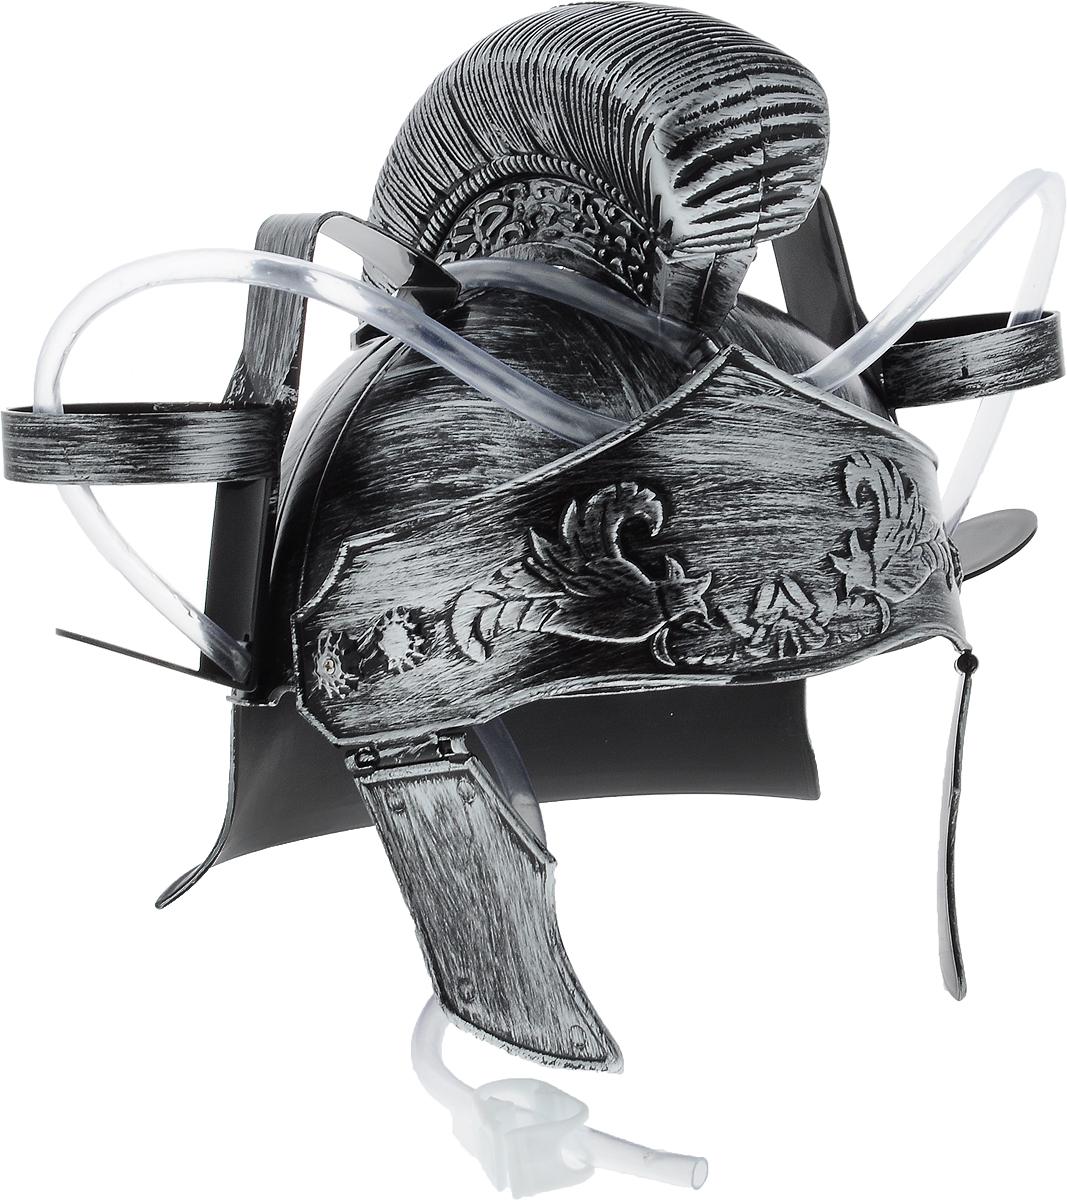 Каска Эврика Римлянин с подставками под банки971Мужчина, умеющий оставаться настоящим рыцарем, даже выпивая, определенно заслуживает женского внимания! Чтобы совместить приятное с полезным, былпридуман специальный шлем Эврика Римлянин. Каска выполнена из пластика и оснащена двумя держателями для банок/бутылок и двумя соединительными трубочками, благодаря которым можно смешивать два различных напитка в виде коктейля. Такая каска станет отличным решением для карнавала, дружеской вечеринки или в качестве амуниции болельщика на стадионе Загрузи голову и освободи руки! Рекомендуется использовать для употребления полезных напитков. Диаметр подставки для банки: 7 см.